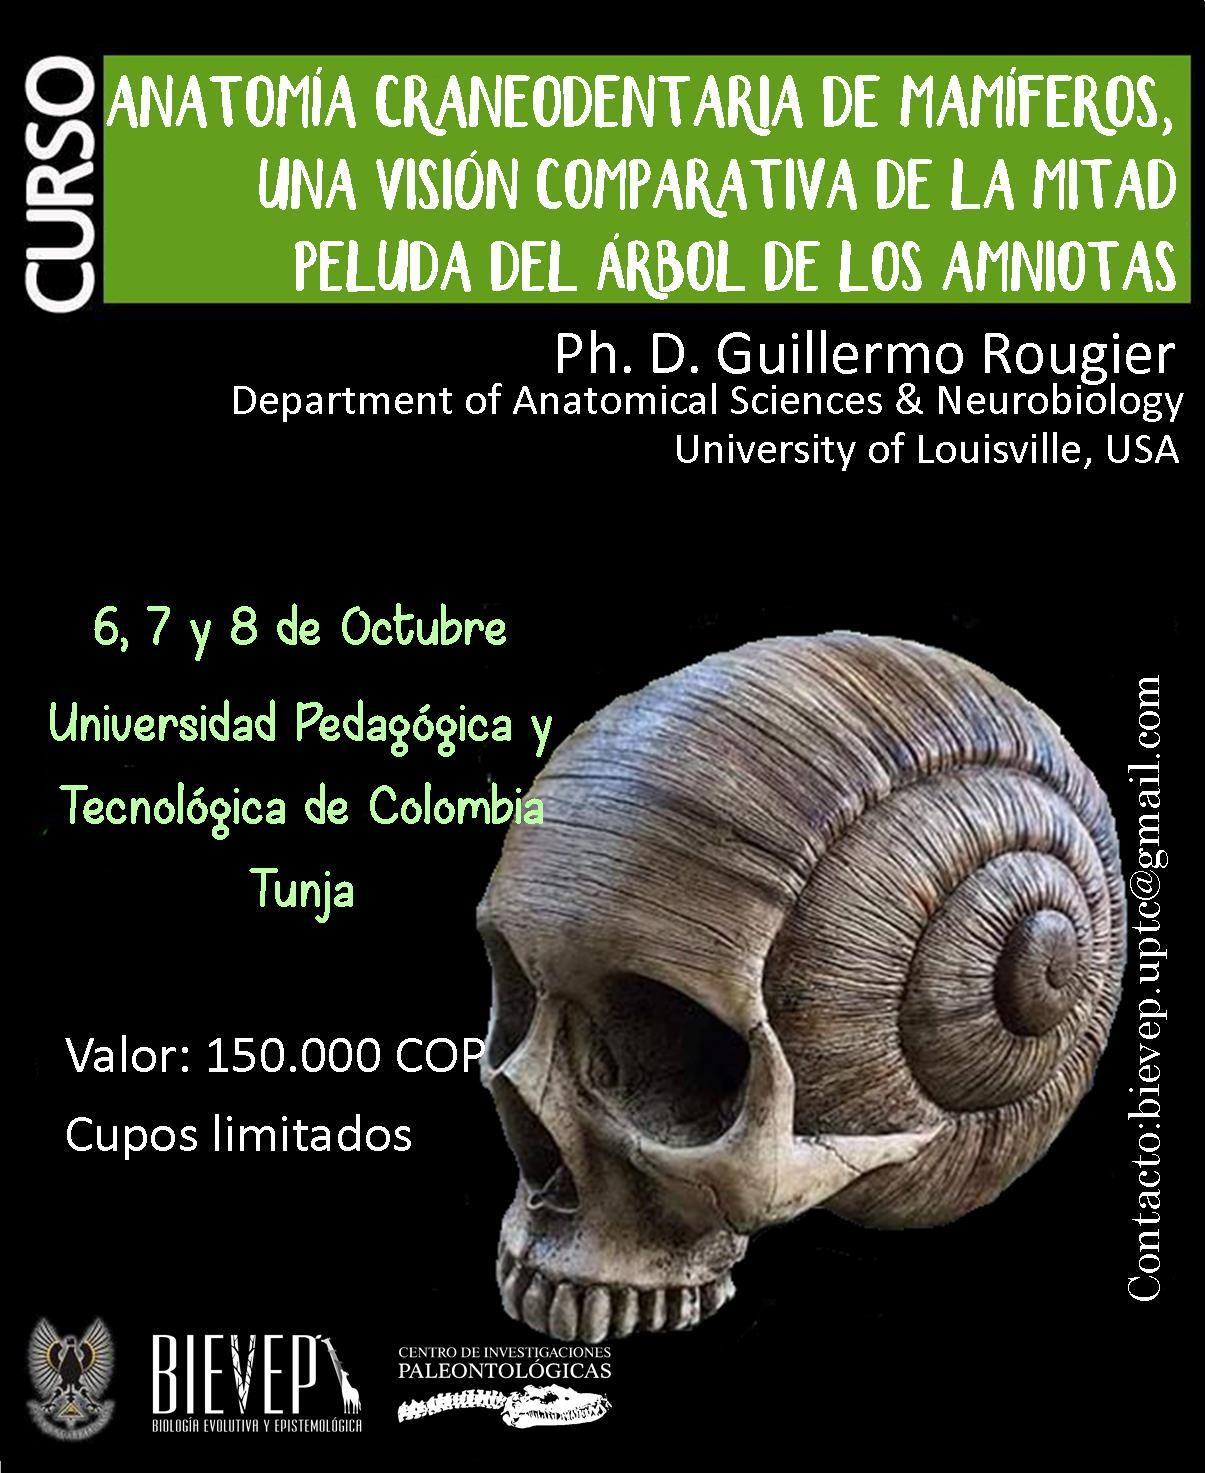 CURSO: Anatomía craneodentaria de mamíferos, una visión comparativa ...